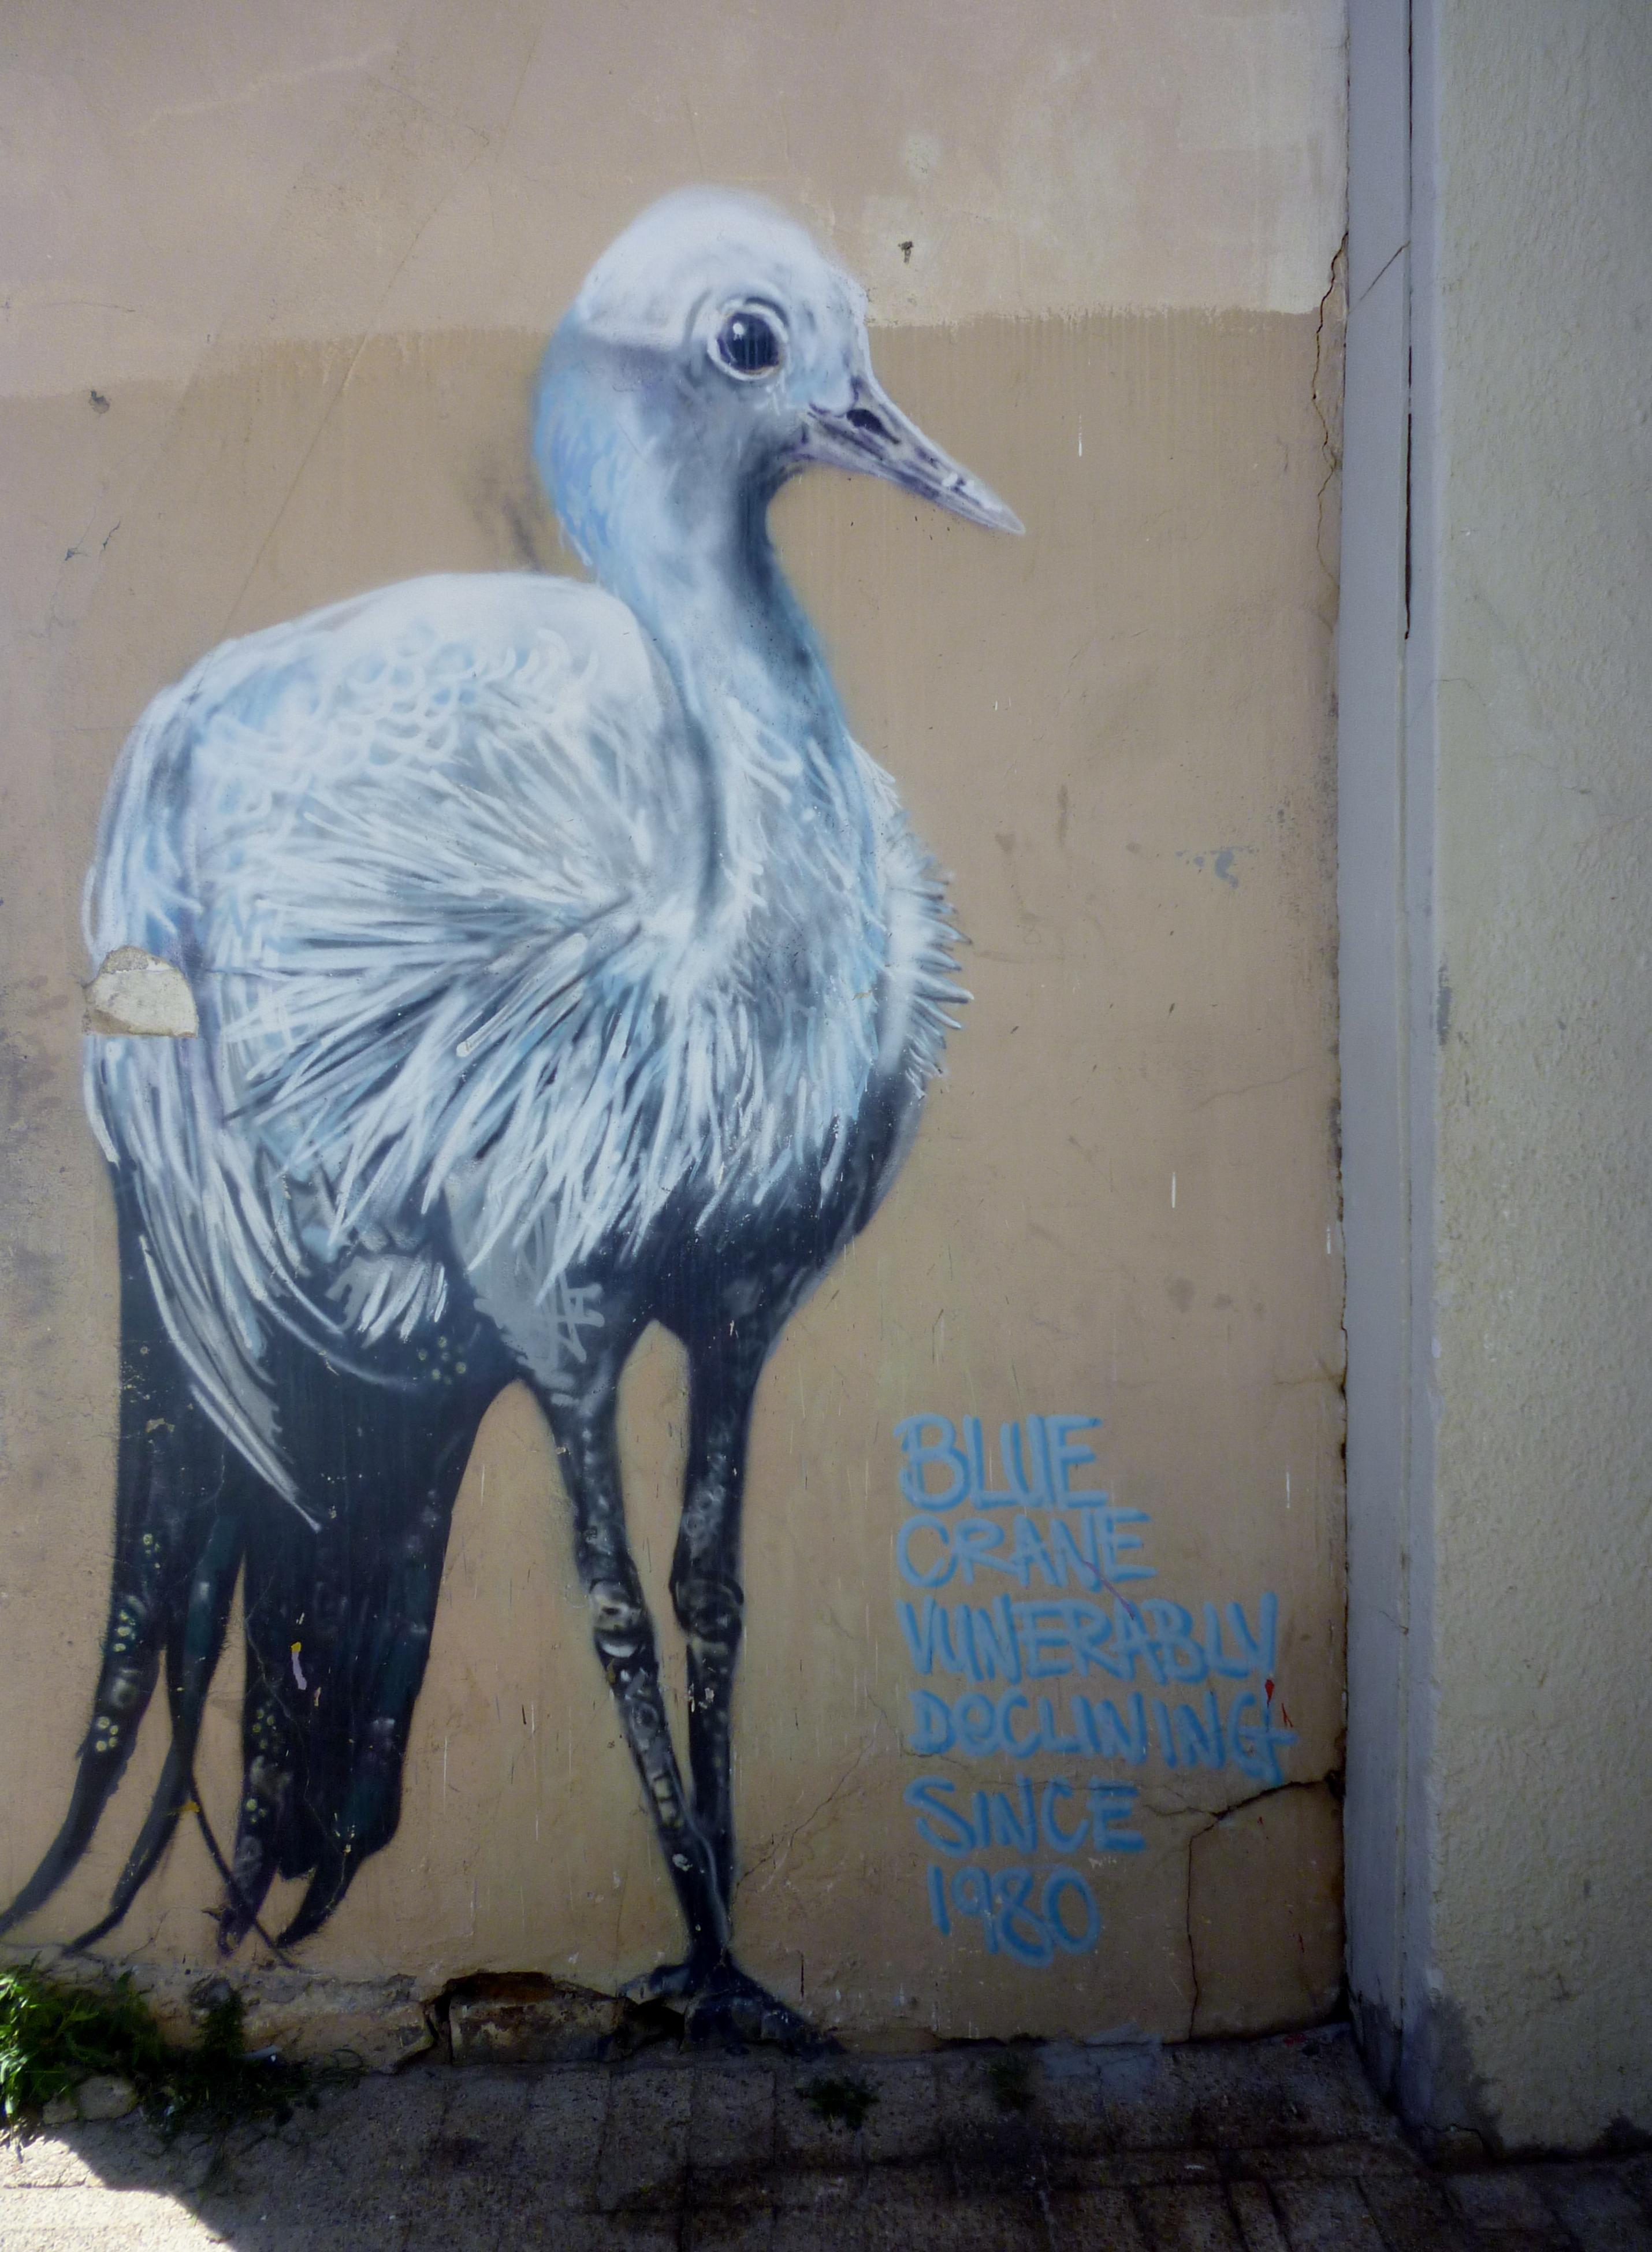 'Blue Crane vunerably declining since 1980'